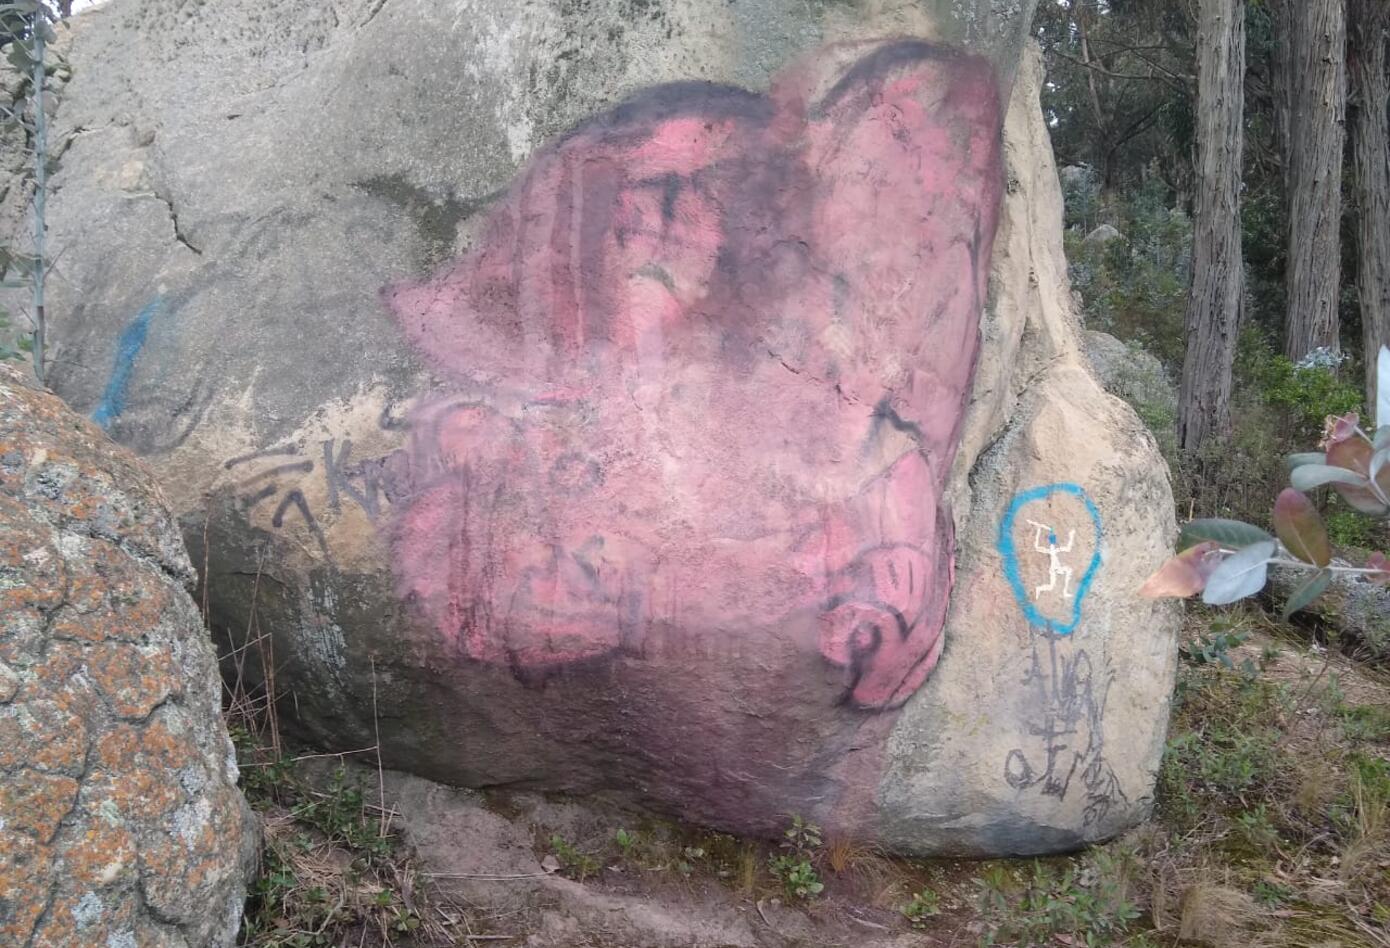 Grafitis y otros daños en piedras milenarias en Soacha